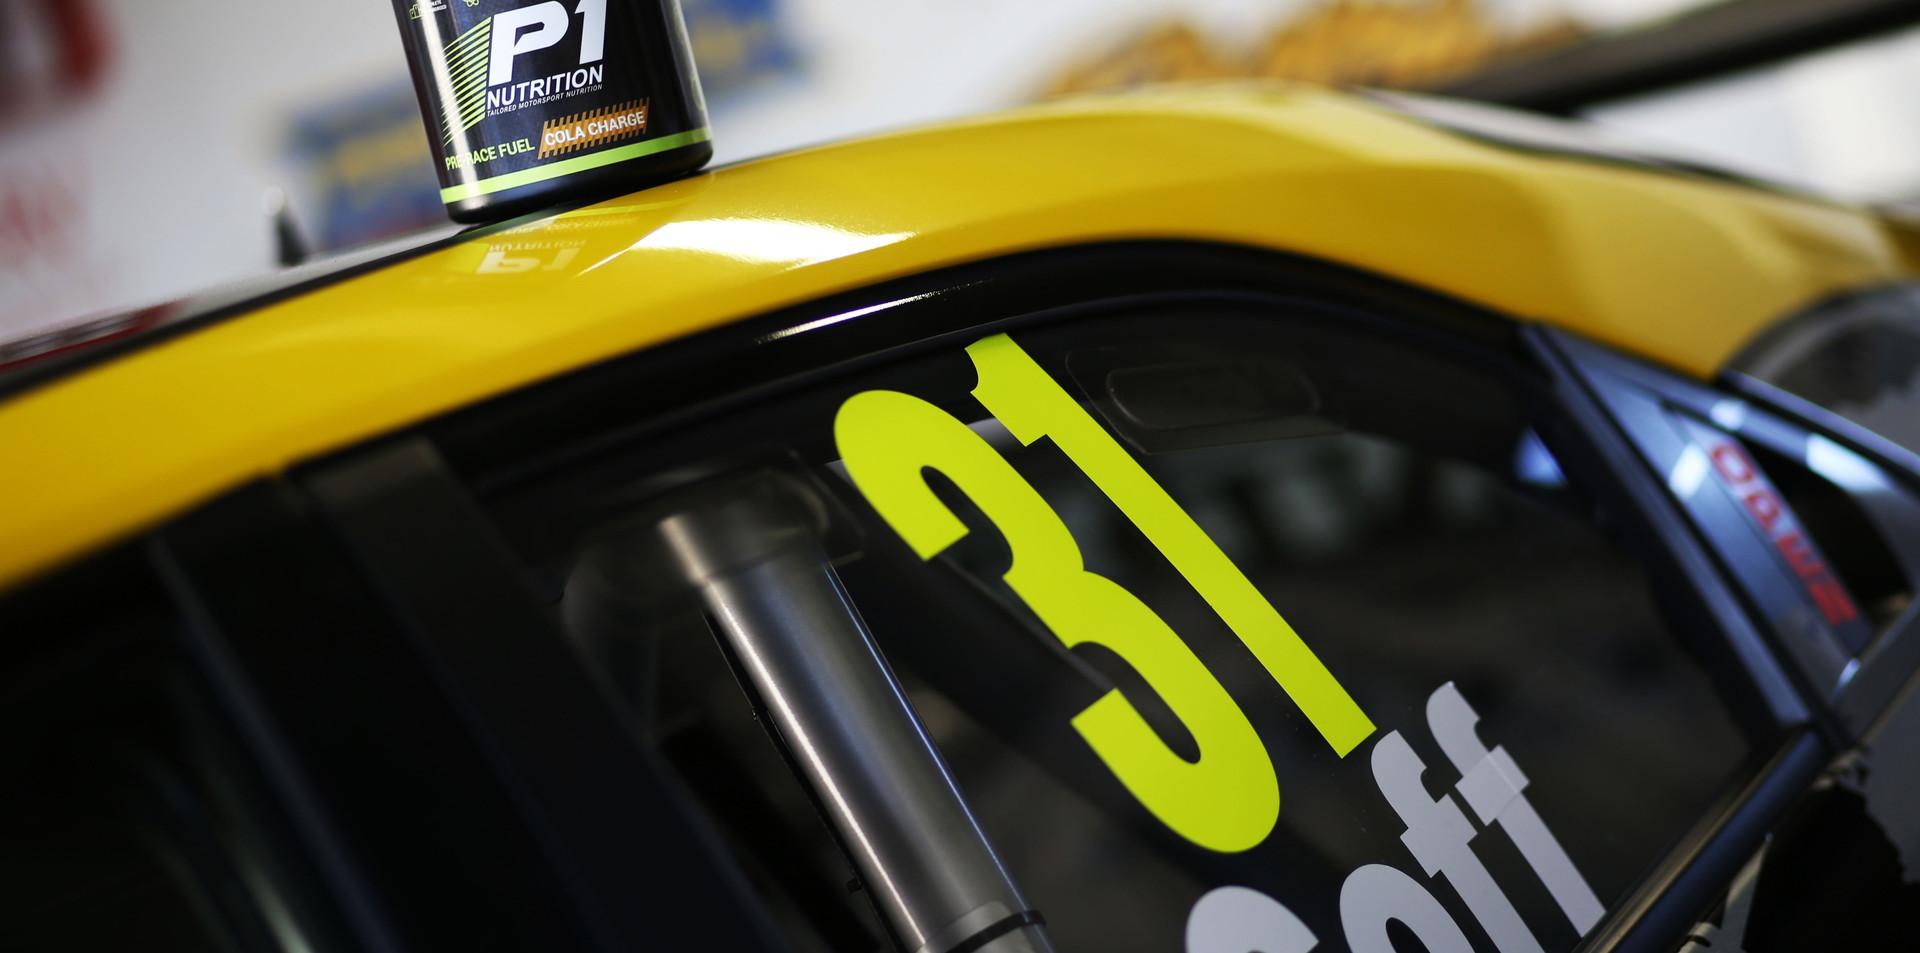 P1 & Goff car-4.jpg